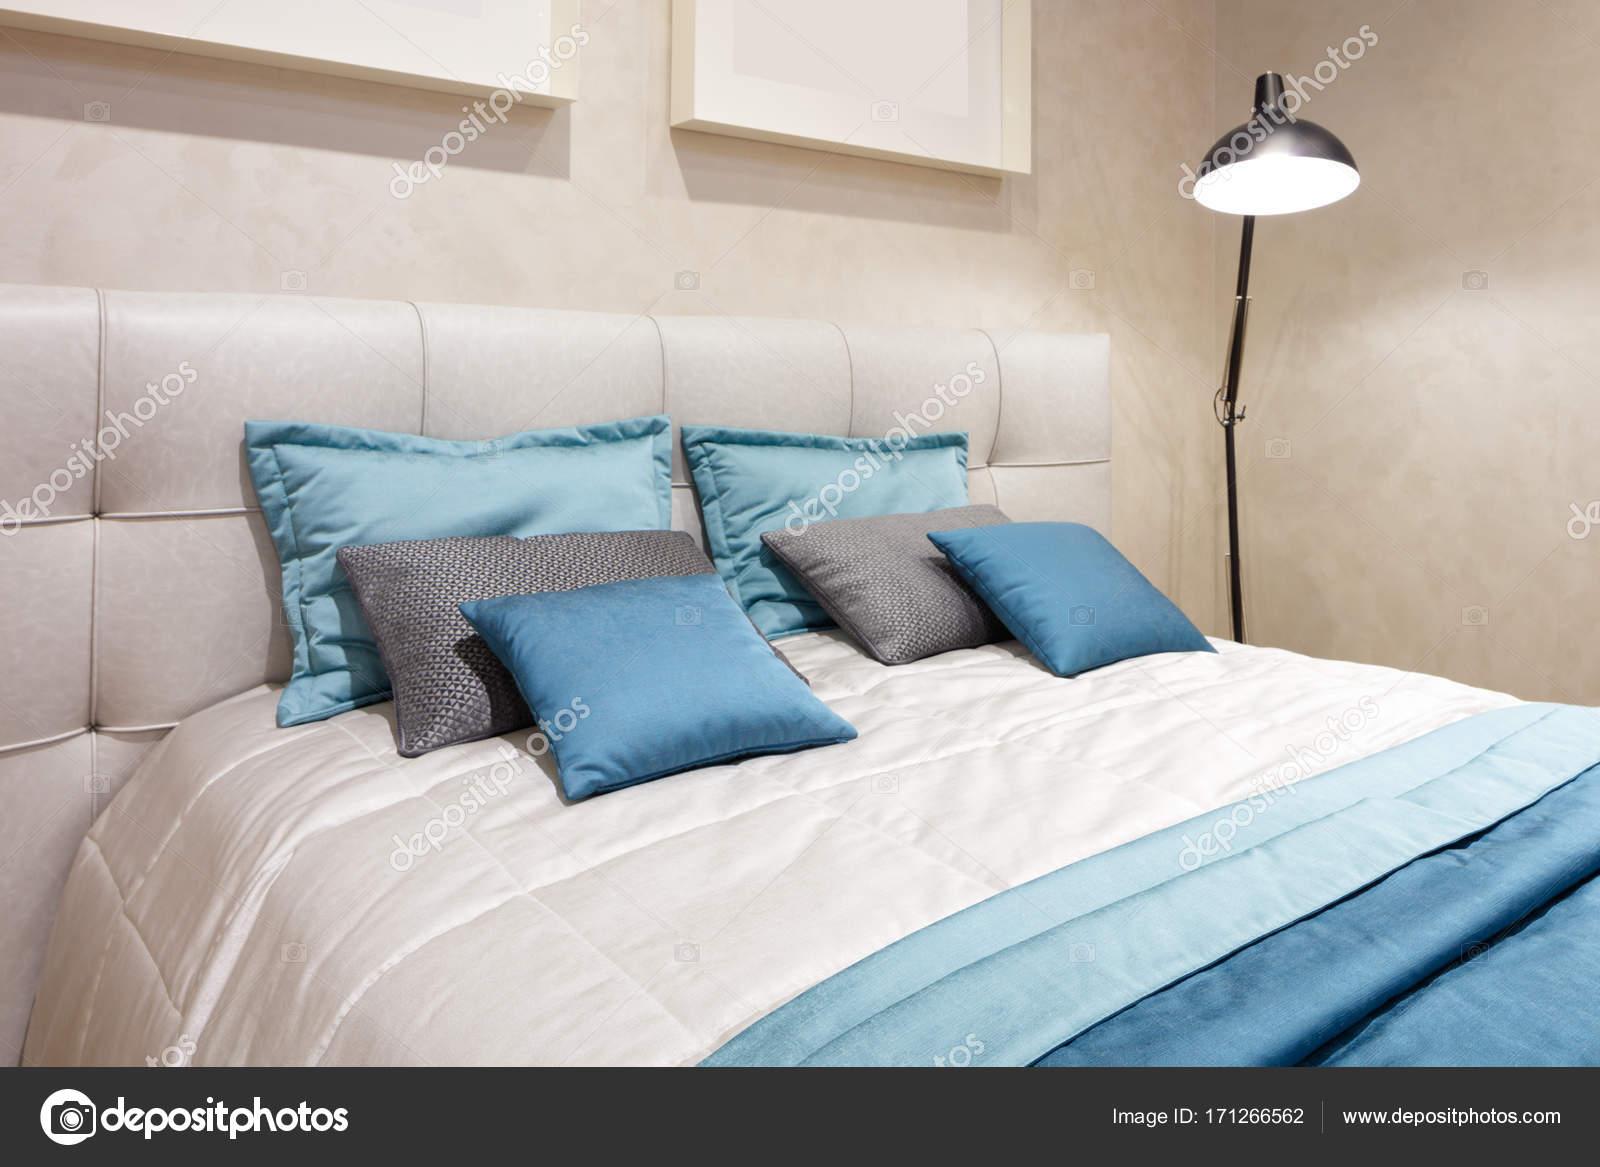 Slaapkamer Hotel Stijl : Slaapkamer van de luxe de moderne stijl in gele en blauwe tonen